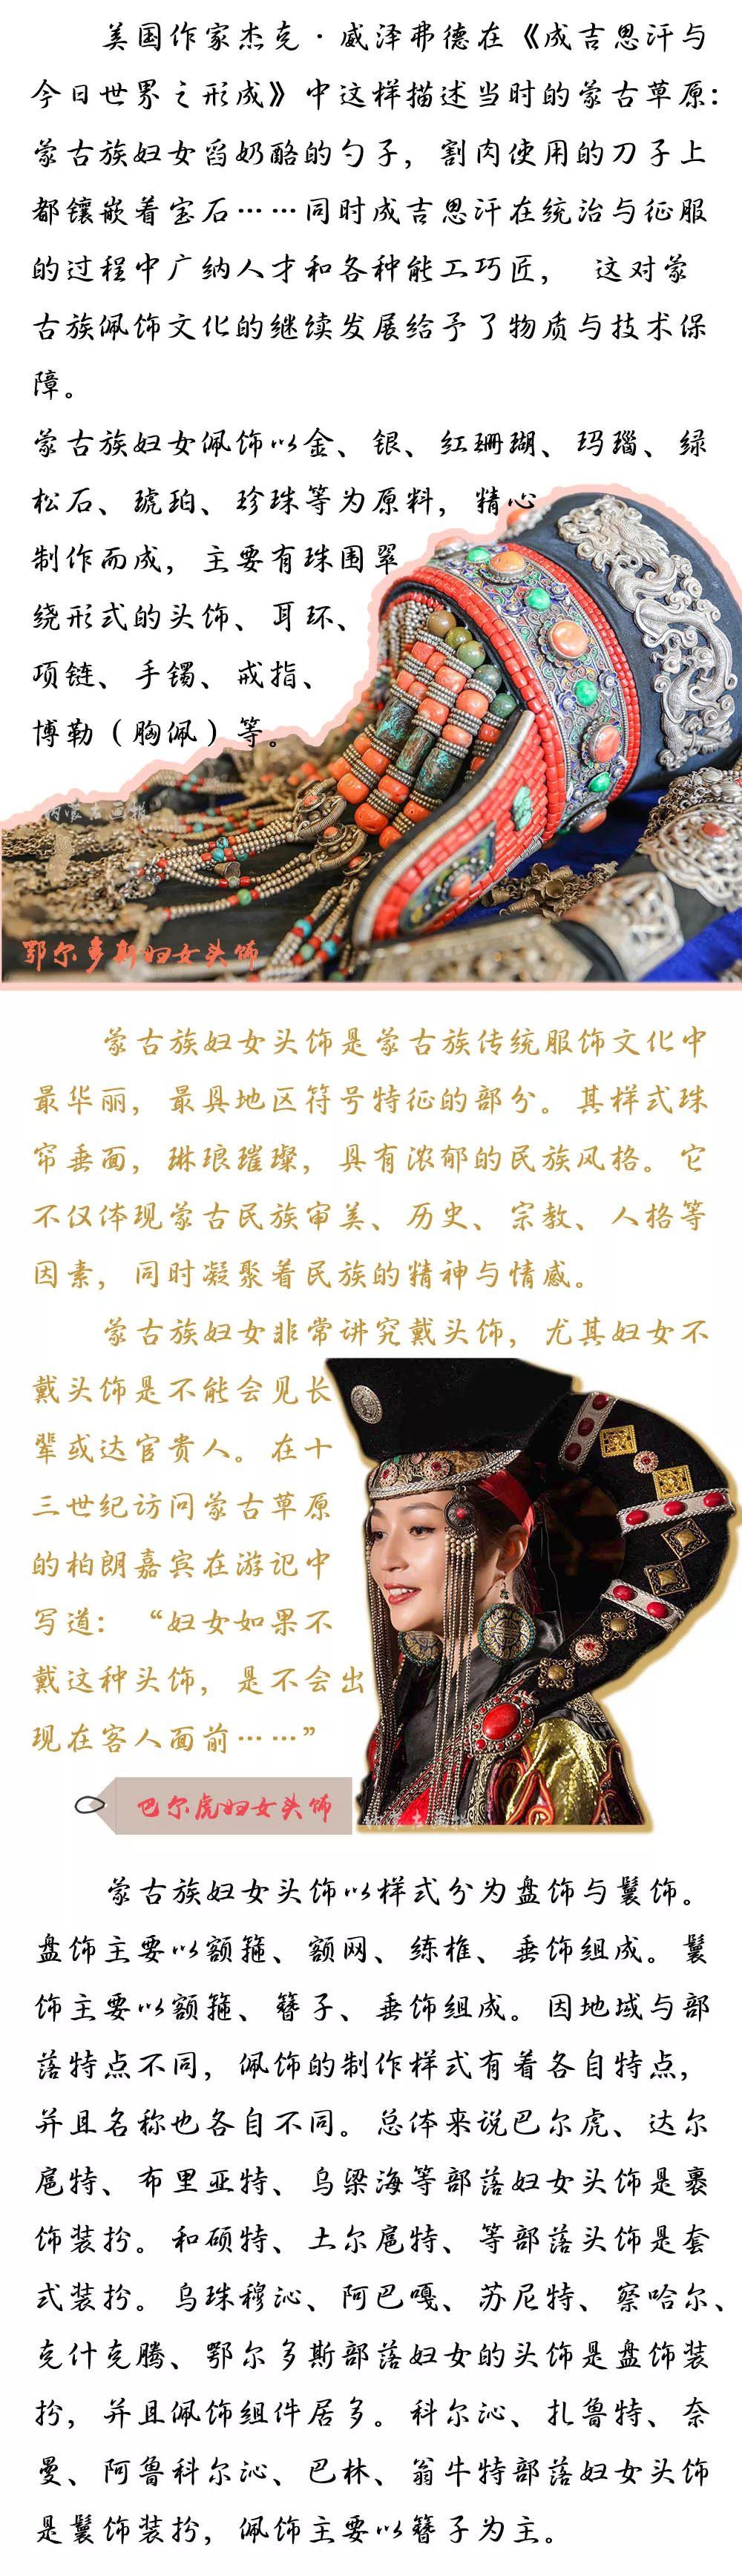 装点世界的蒙古族佩饰 | 女士篇 第8张